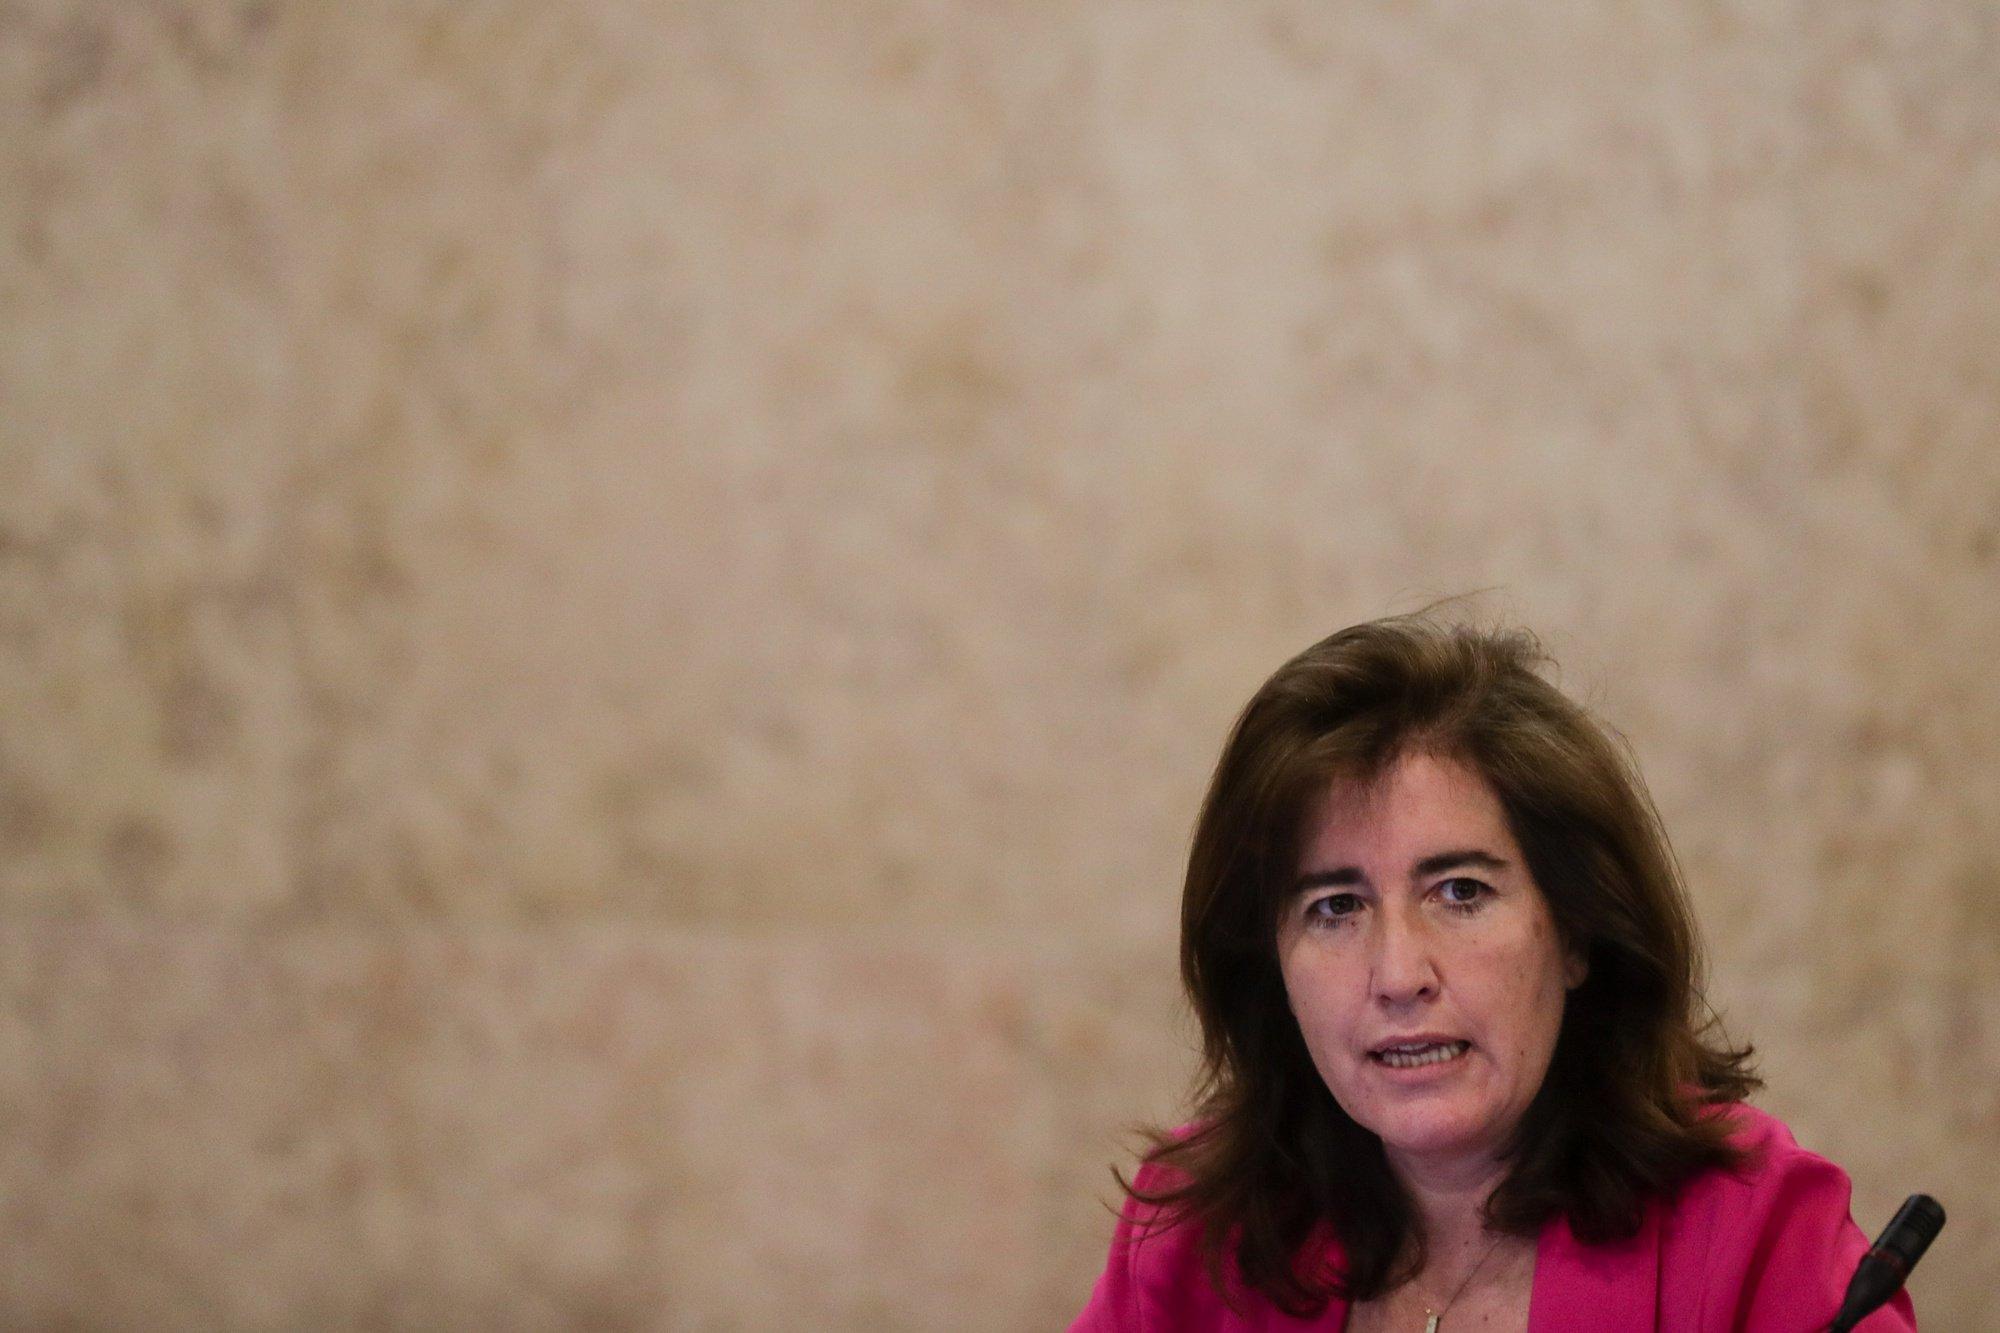 A ministra do Trabalho, Solidariedade e Segurança Social, Ana Mendes Godinho, fala perante a Comissão de Trabalho e Segurança Social, na Assembleia da República em Lisboa, 26 de maio de 2021. TIAGO PETINGA/LUSA